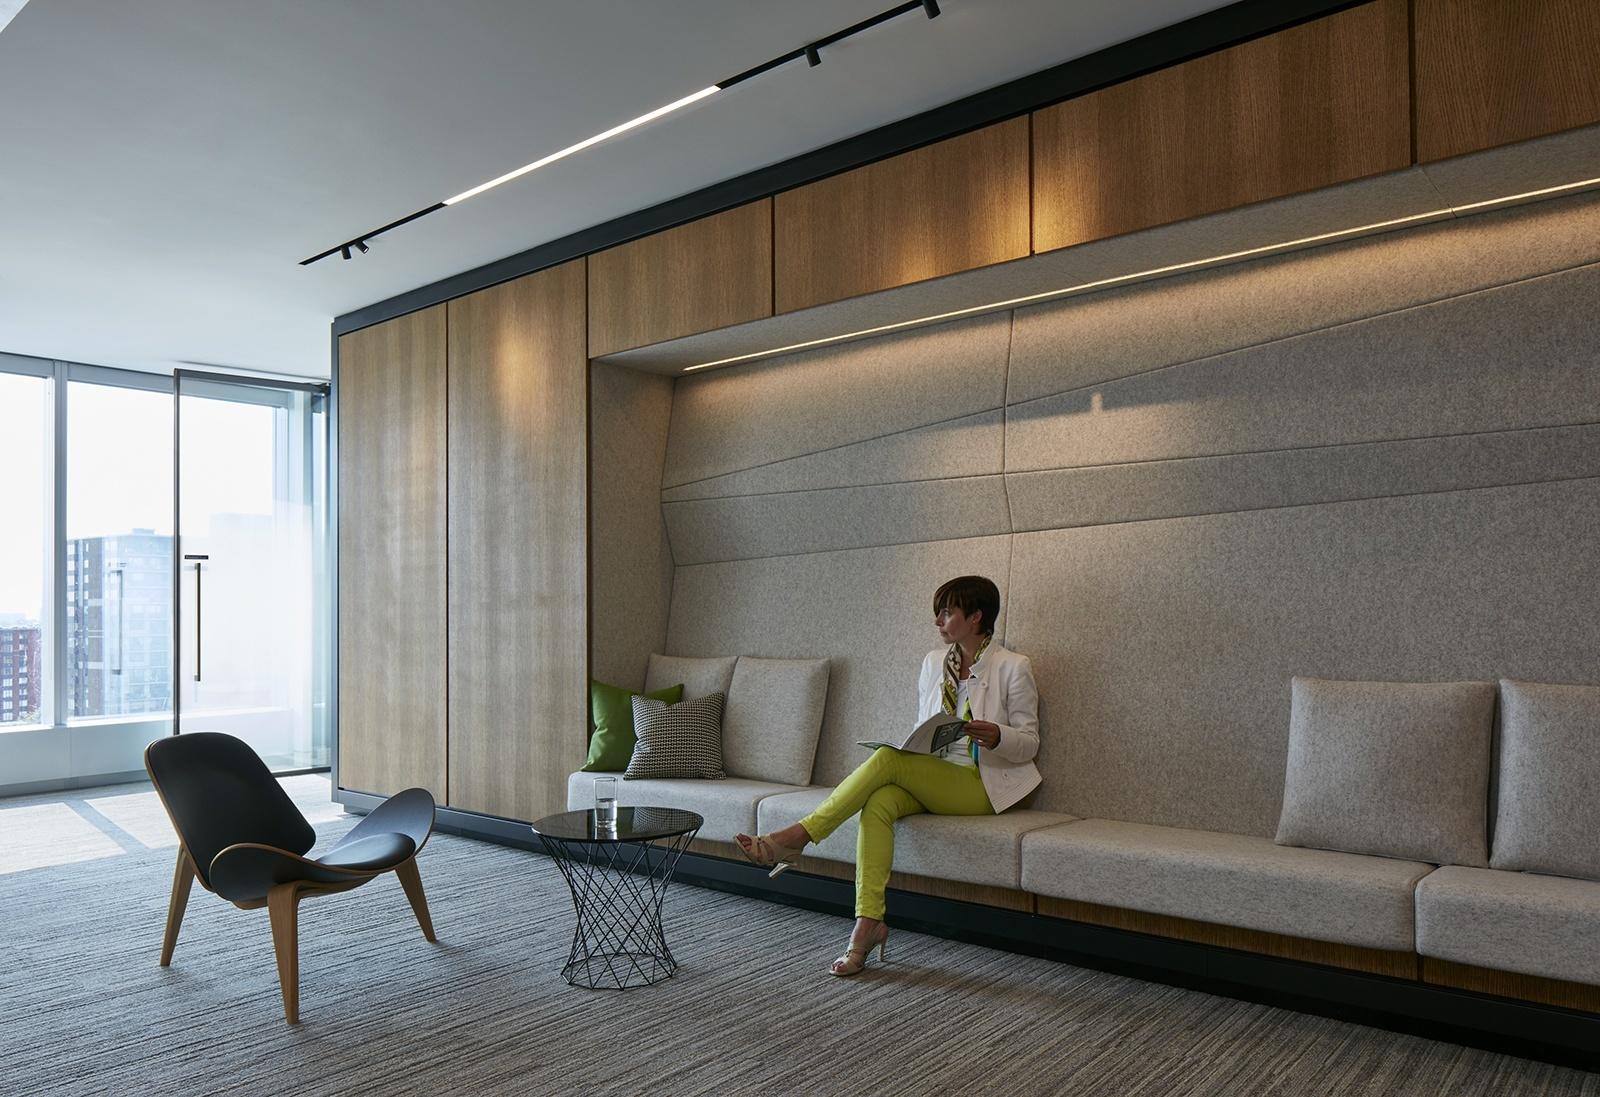 Inside deloitte s new elegant montreal office officelovin 39 for Hotel design quebec